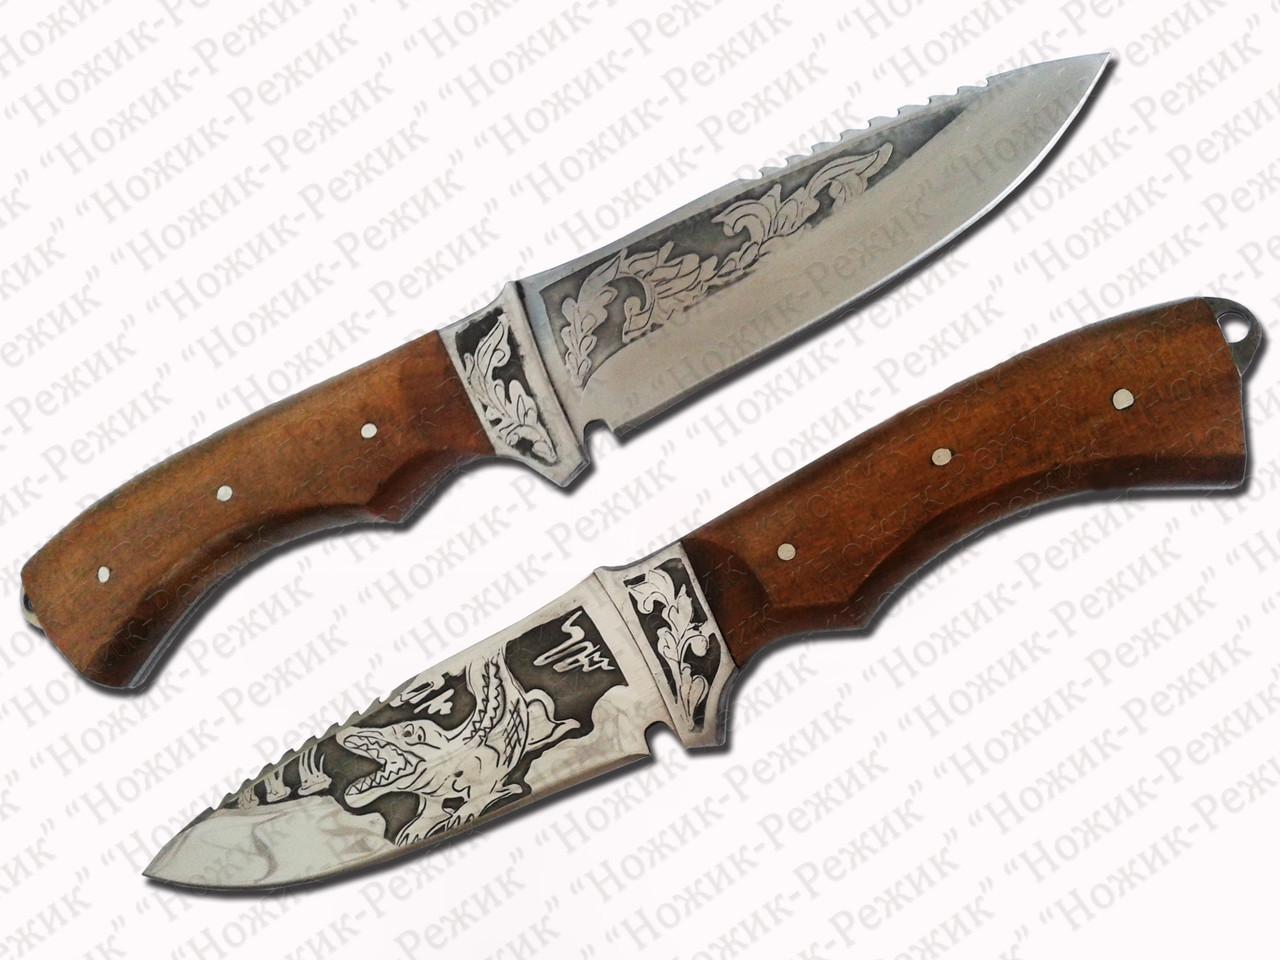 Ножи ручной работы, ножи украинского производства, магазин ножей, туристические ножи, боевой нож